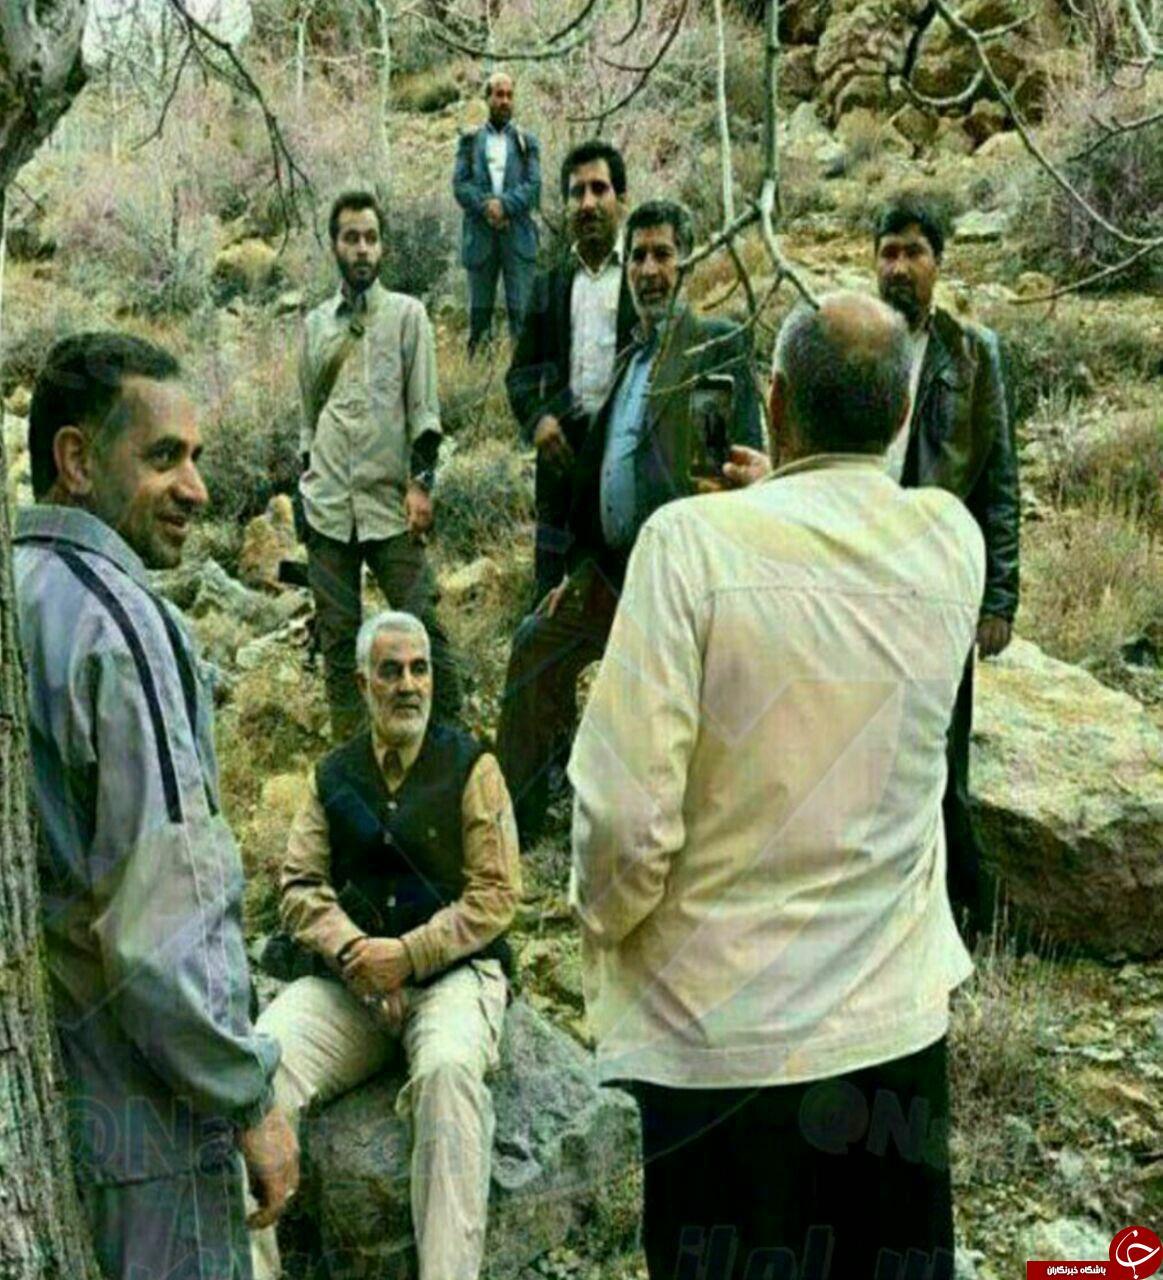 عکس دیده نشده سردار سلیمانی در حال کوهنوردی +عکس